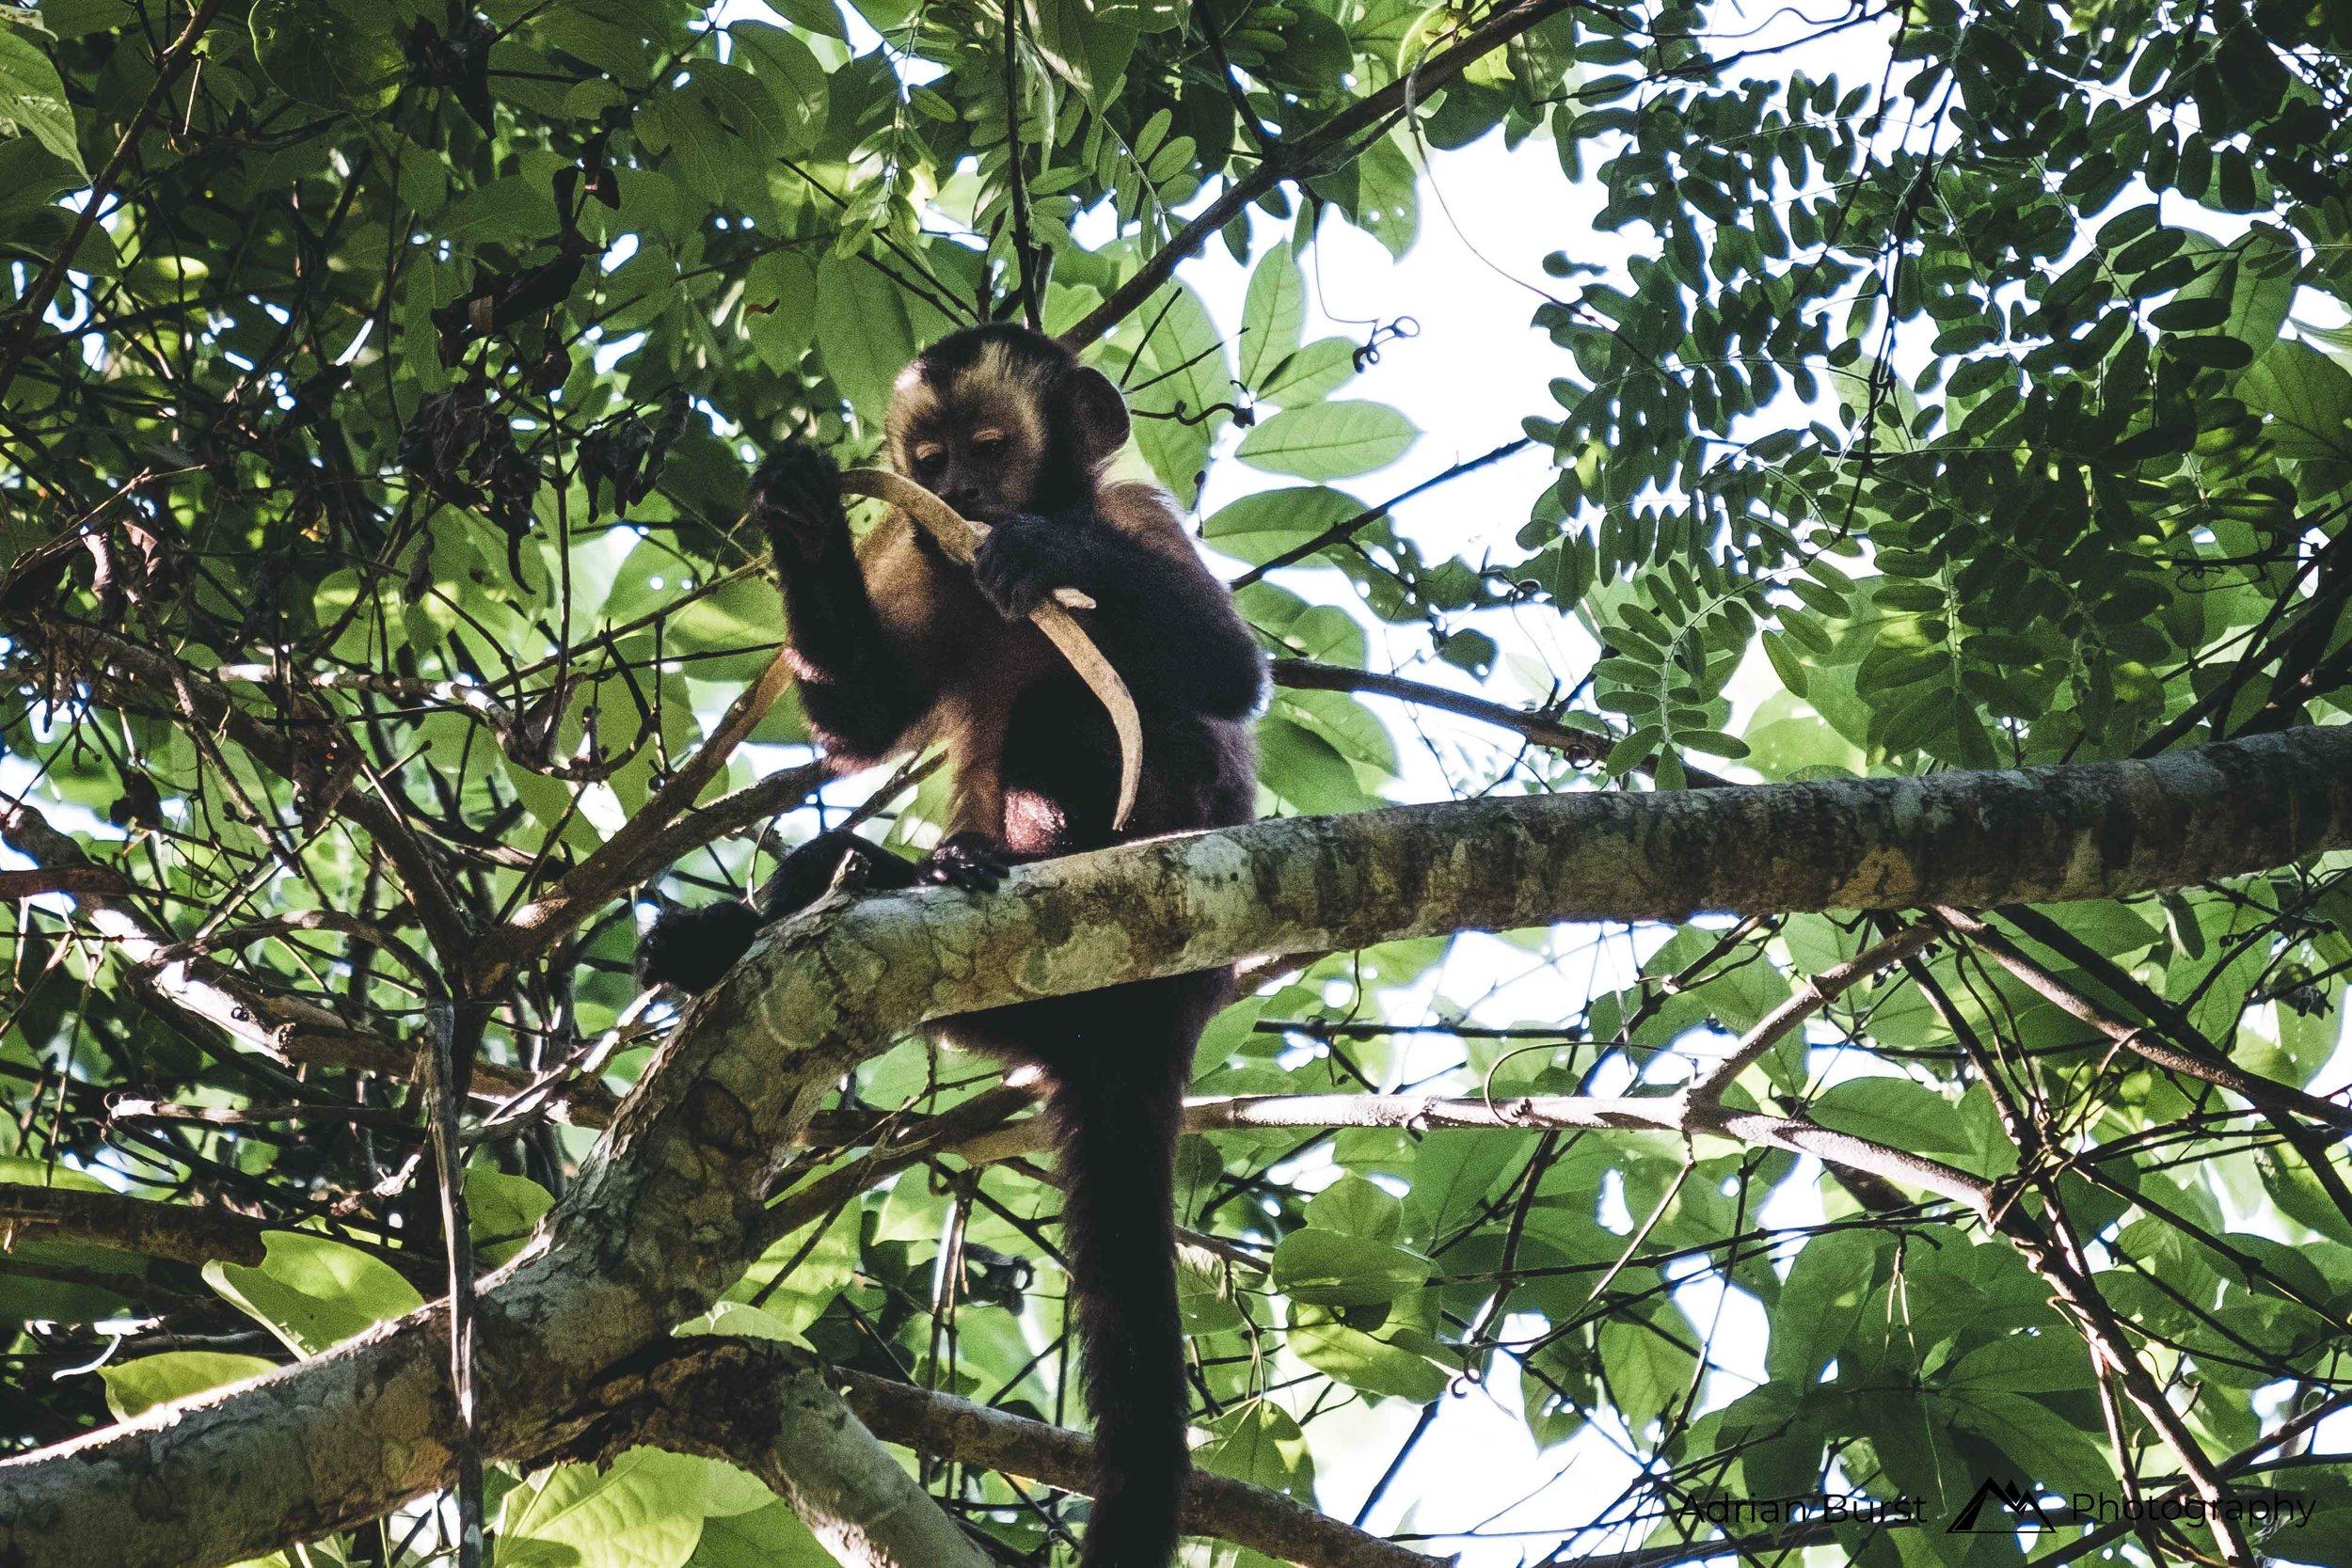 153 | Peru capuchin, Tambopata national reserve